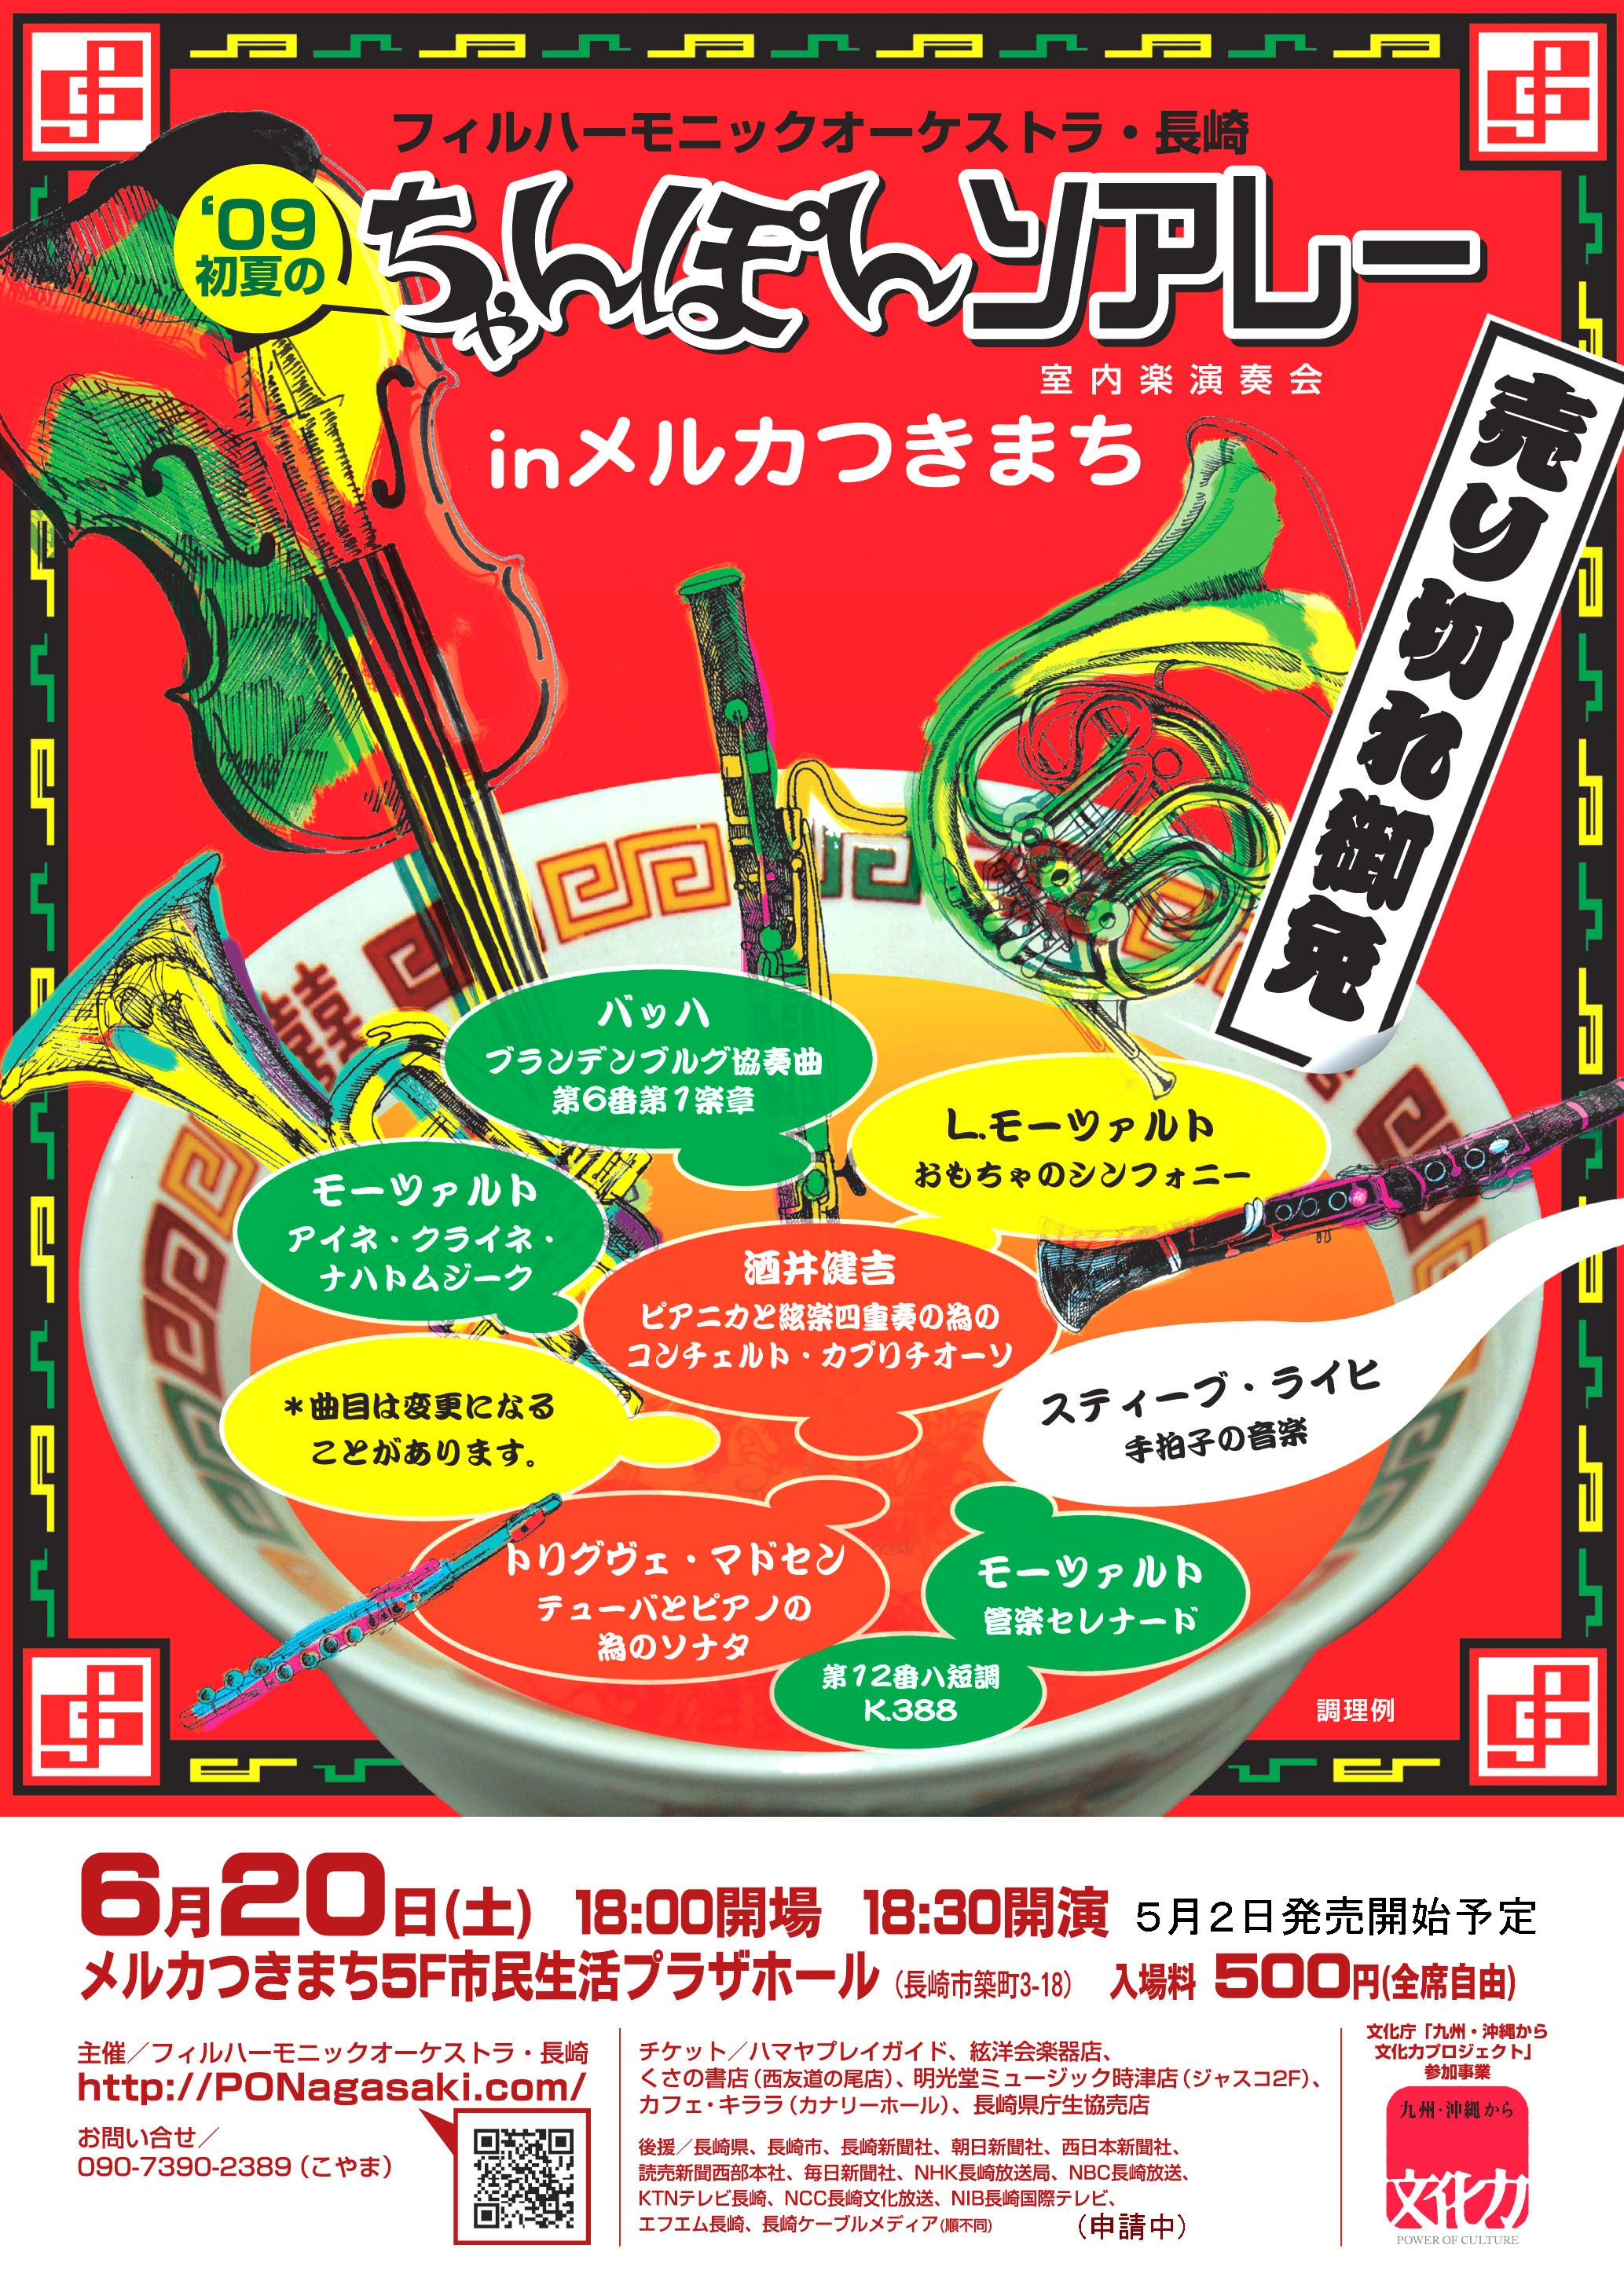 '09初夏のちゃんぽんソアレーポスター